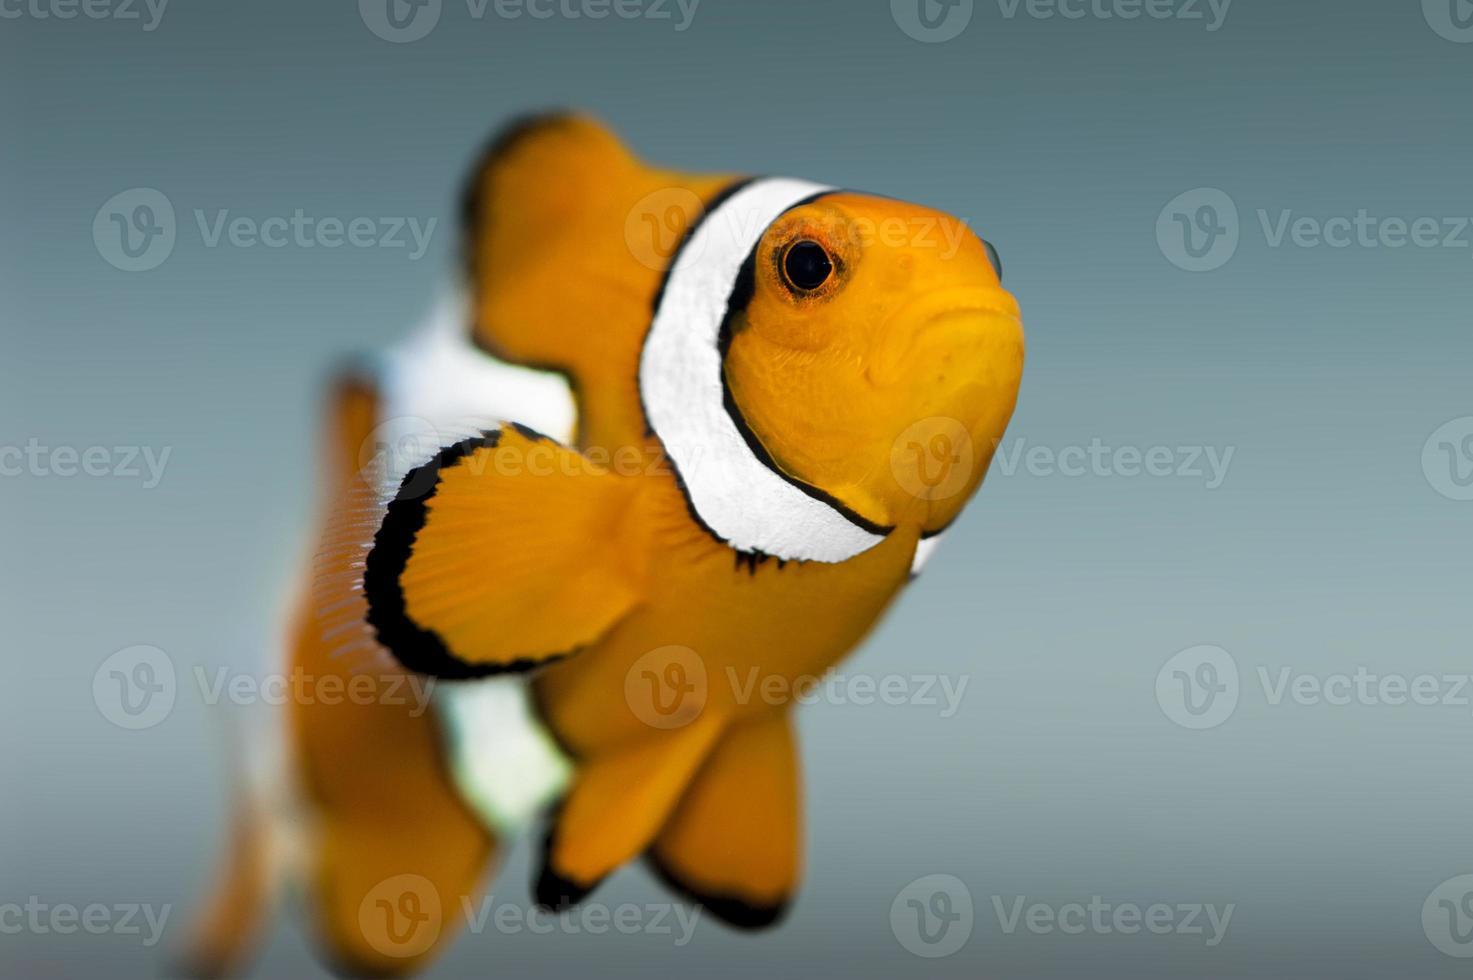 pesce nemo, pesce pagliaccio - da vicino foto